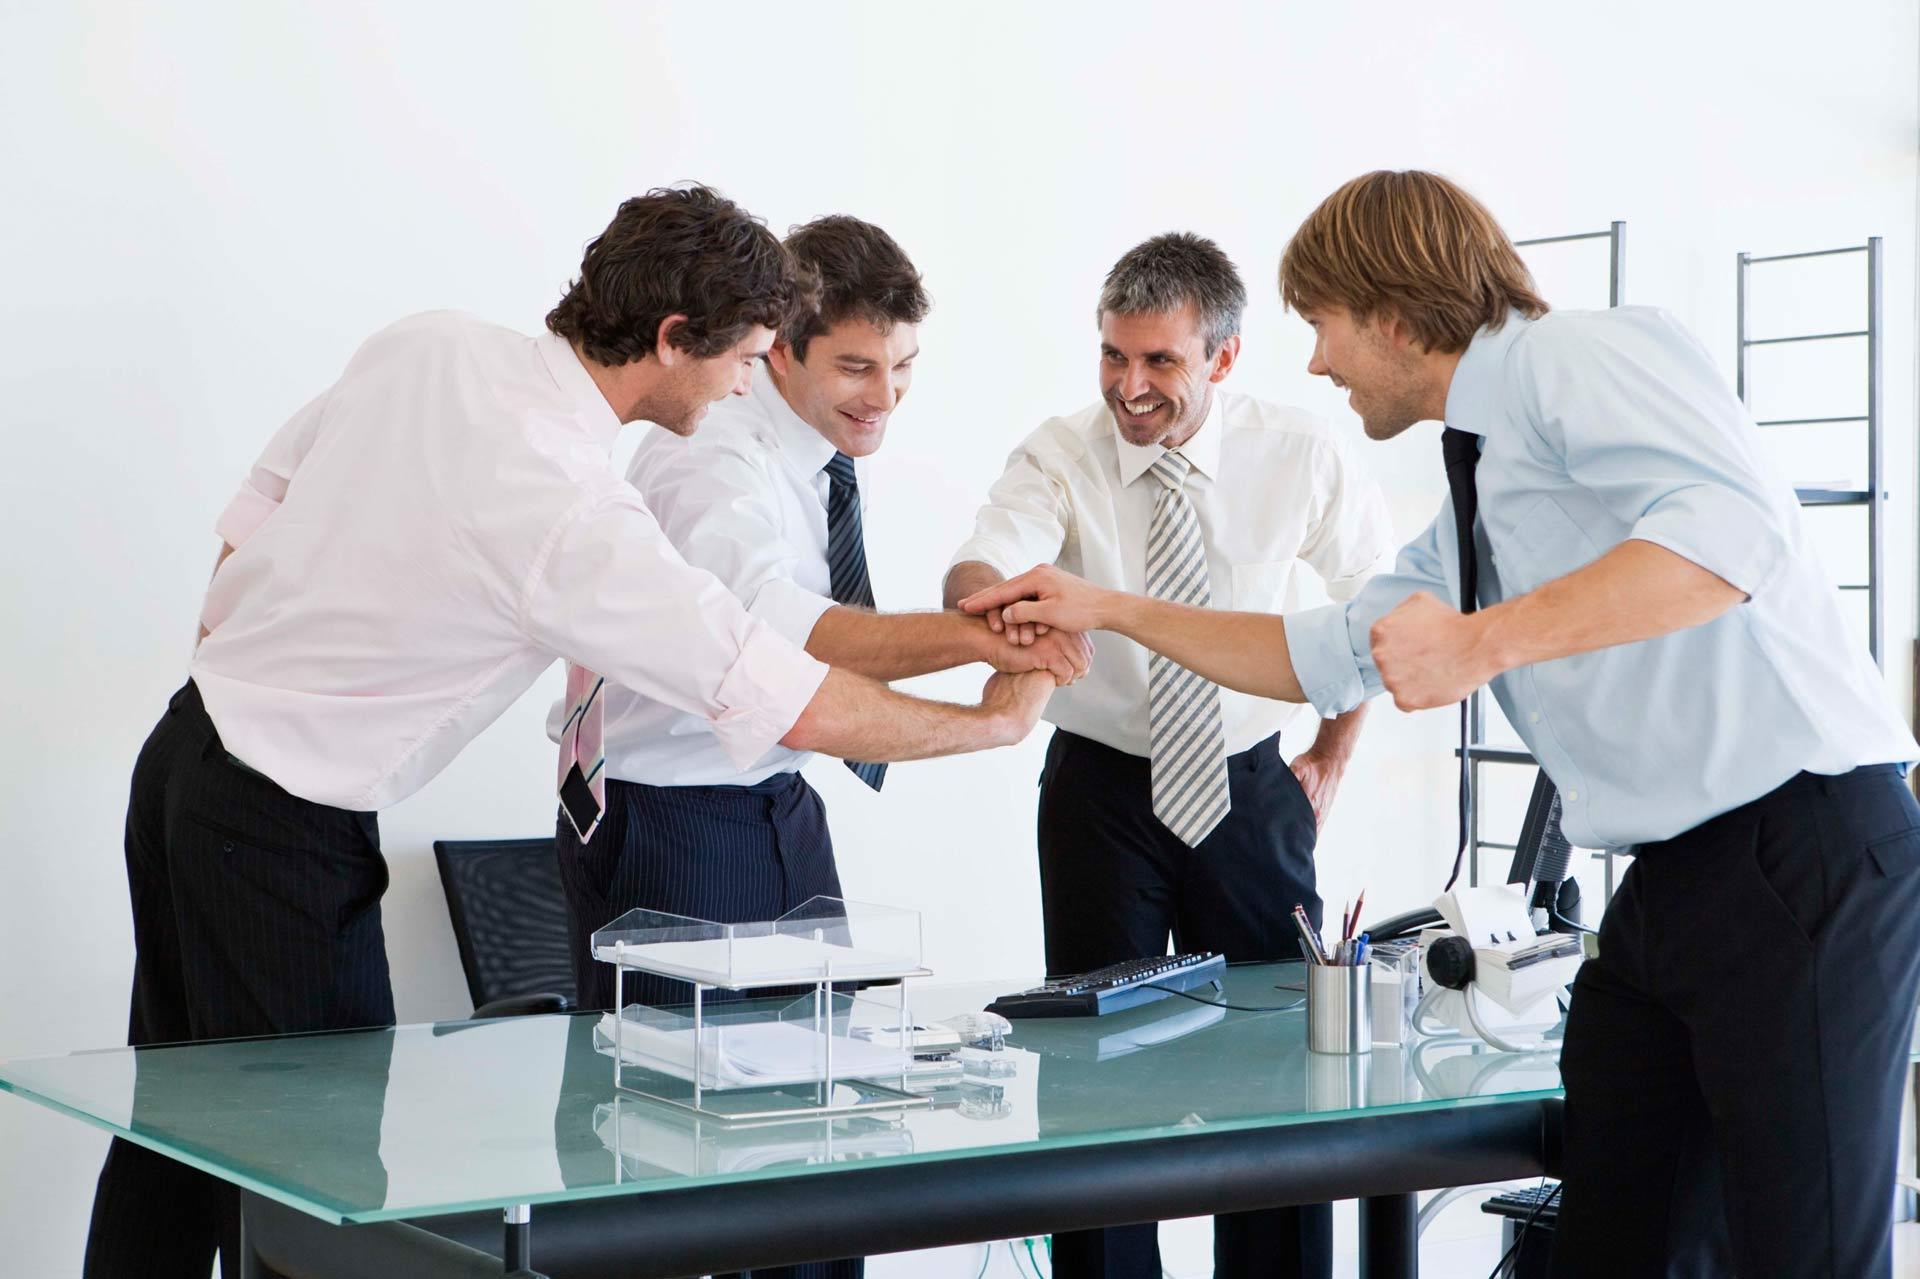 Вебинар: 5 секретов конкурента. Как заманить твоего клиента и сразу круто стартануть в бизнесе?